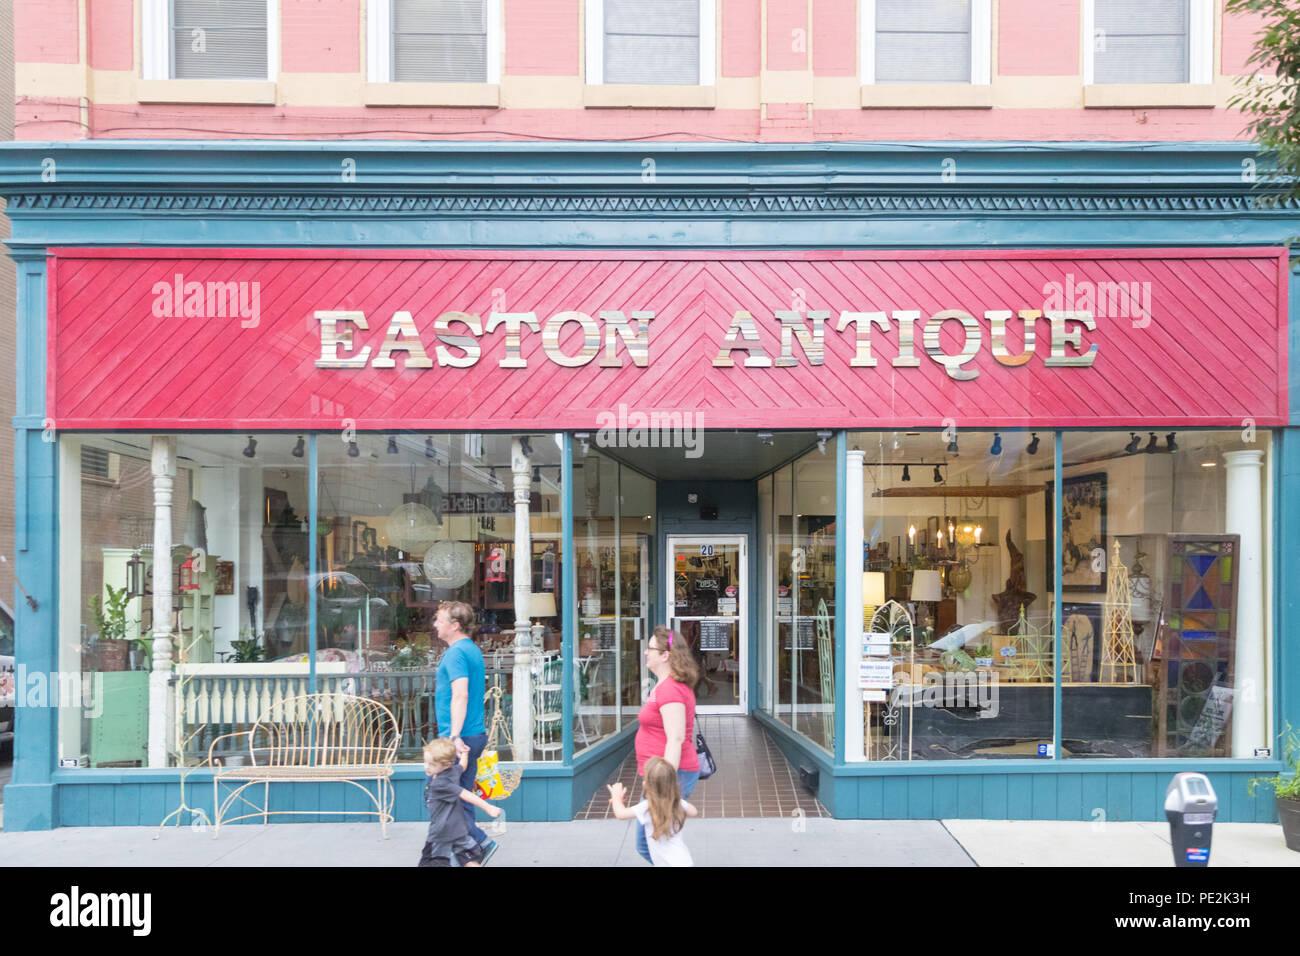 Easton Pa 11 August 2018 Easton Antique Store Front Passieren